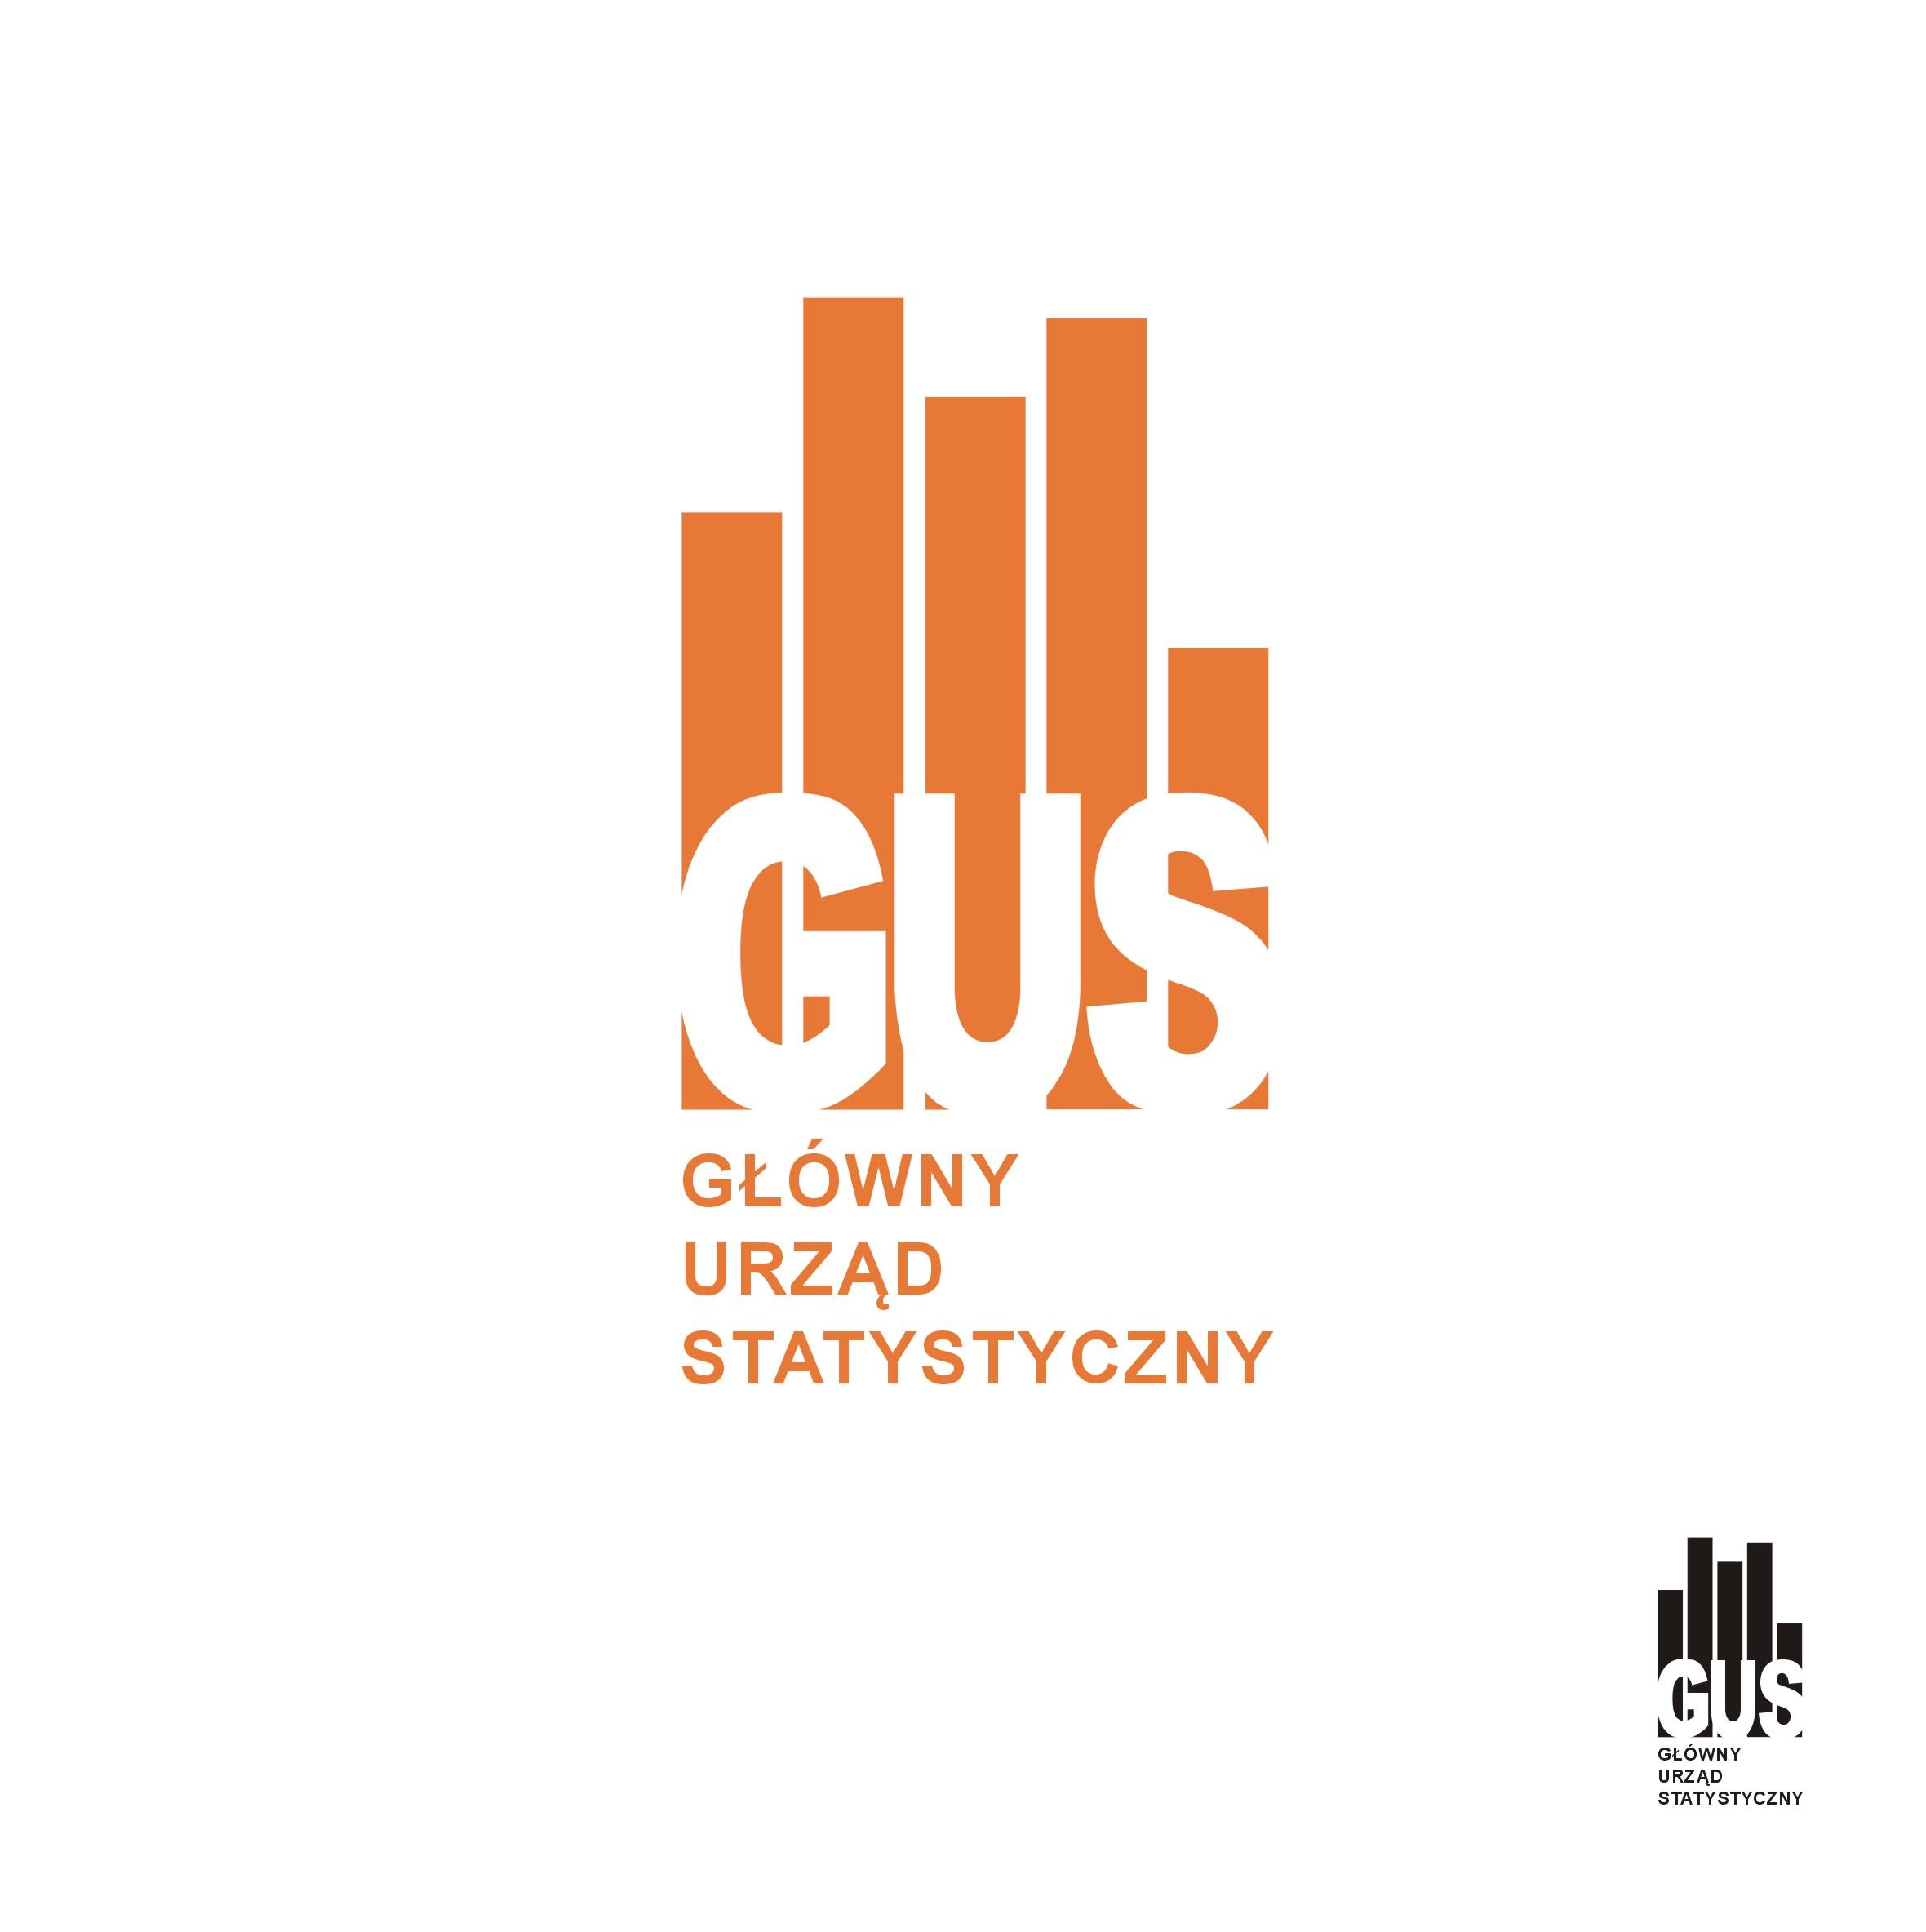 Projekt konkursowy identyfikacja graficzna GUS